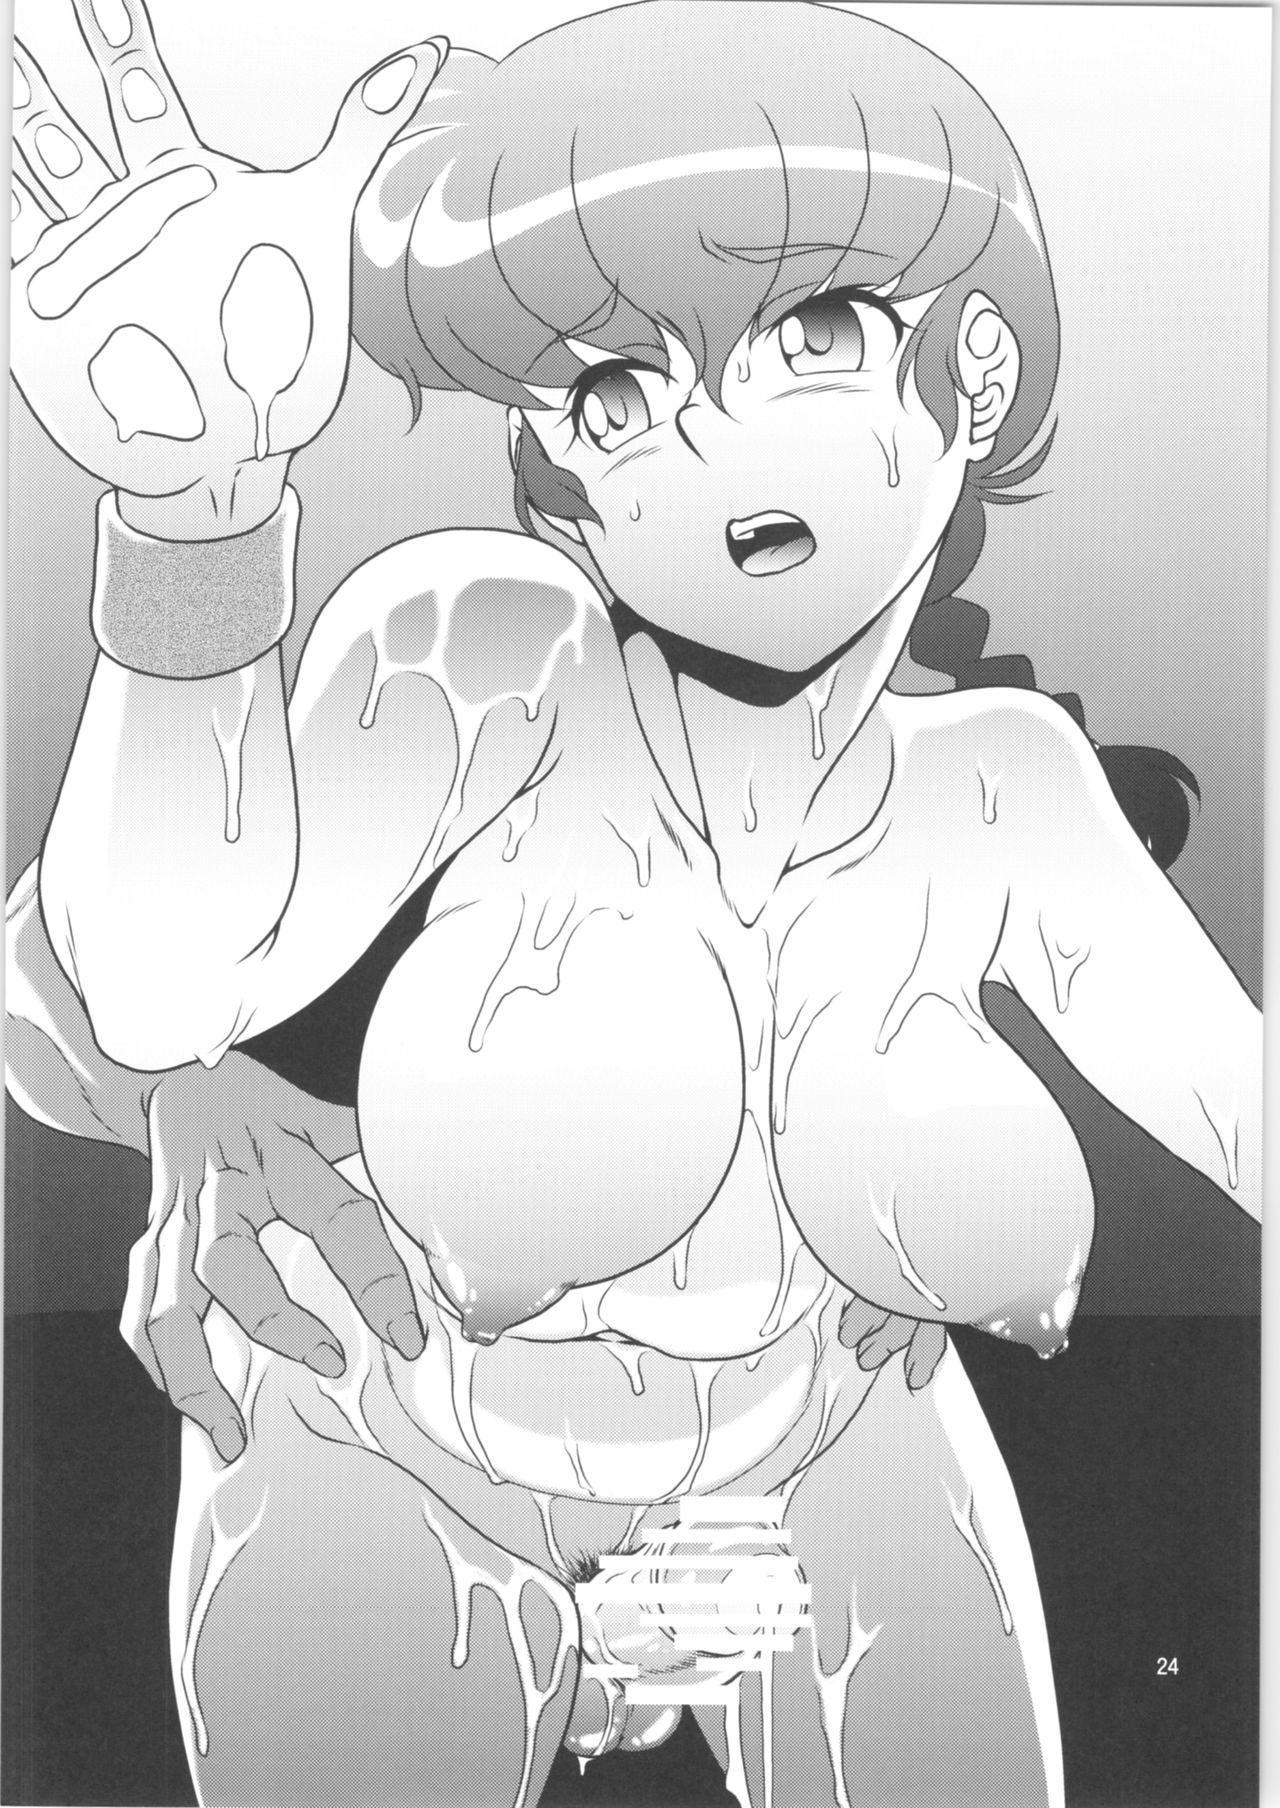 Nannichuan no Shinjitsu 2 22